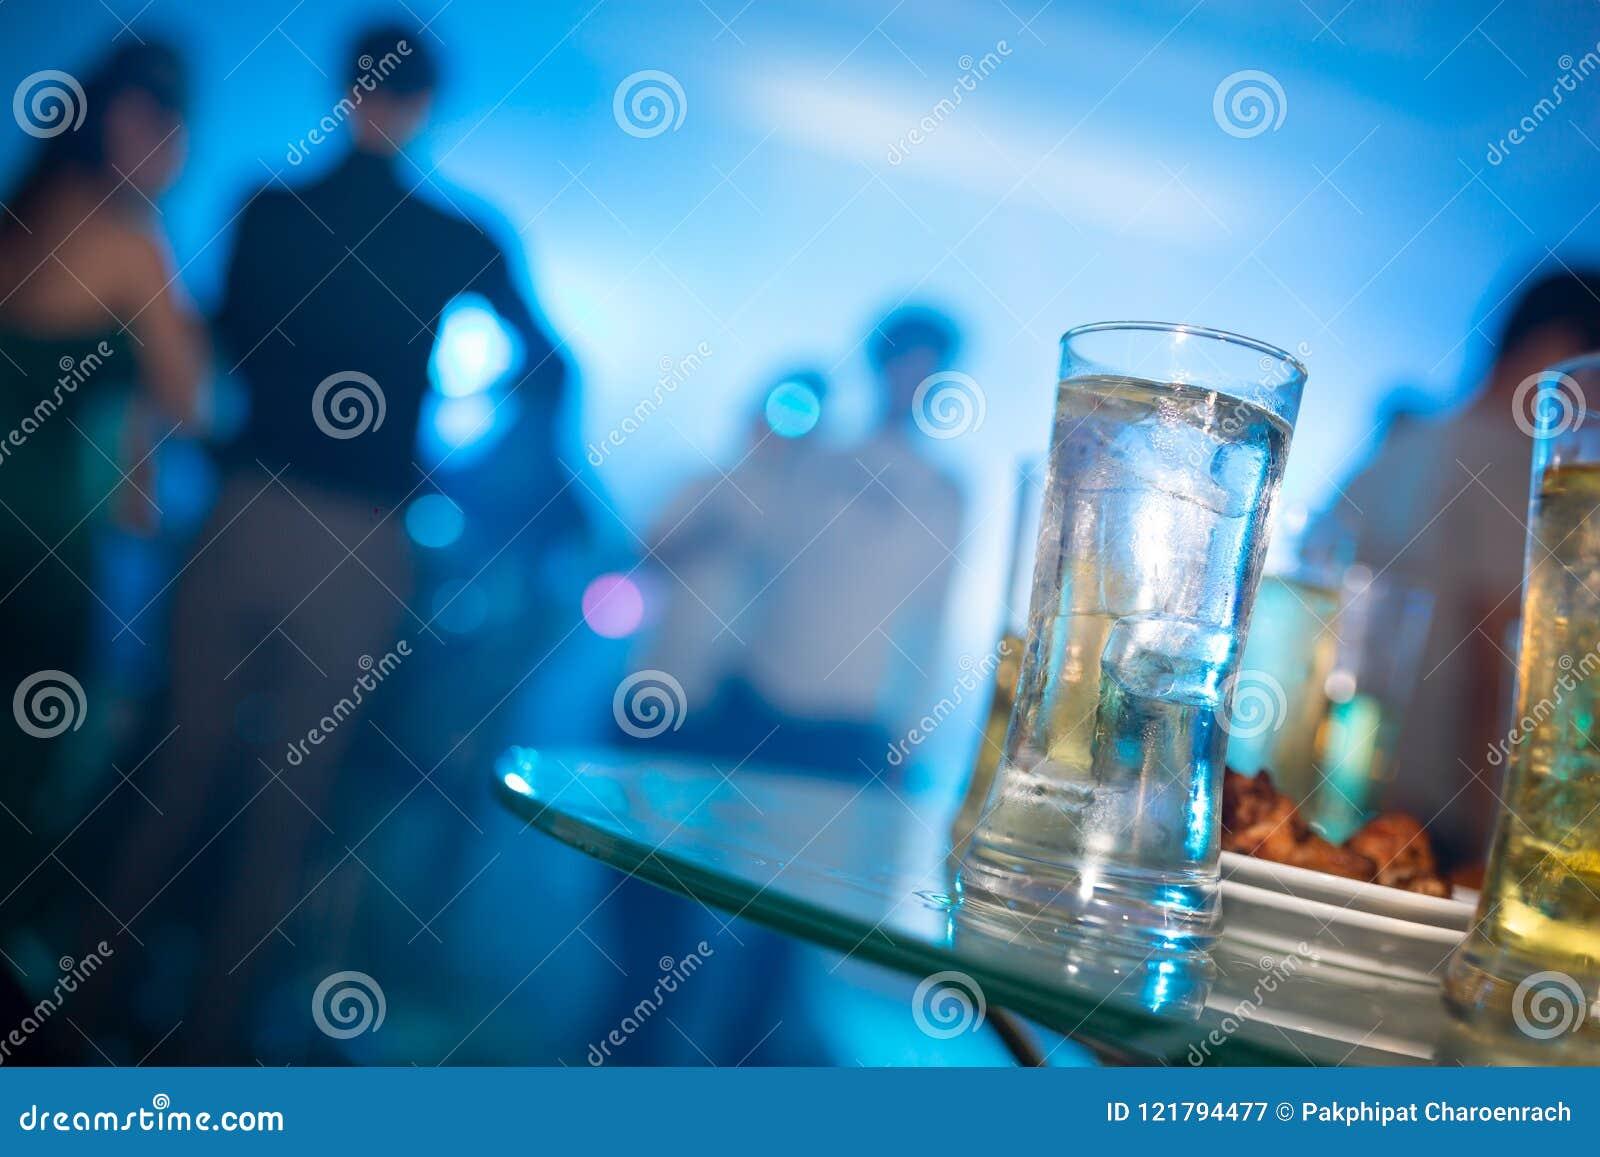 Ποτό γυαλιού οινοπνεύματος στο κόμμα, γυαλί κοκτέιλ στο μετρητή φραγμών, Coc